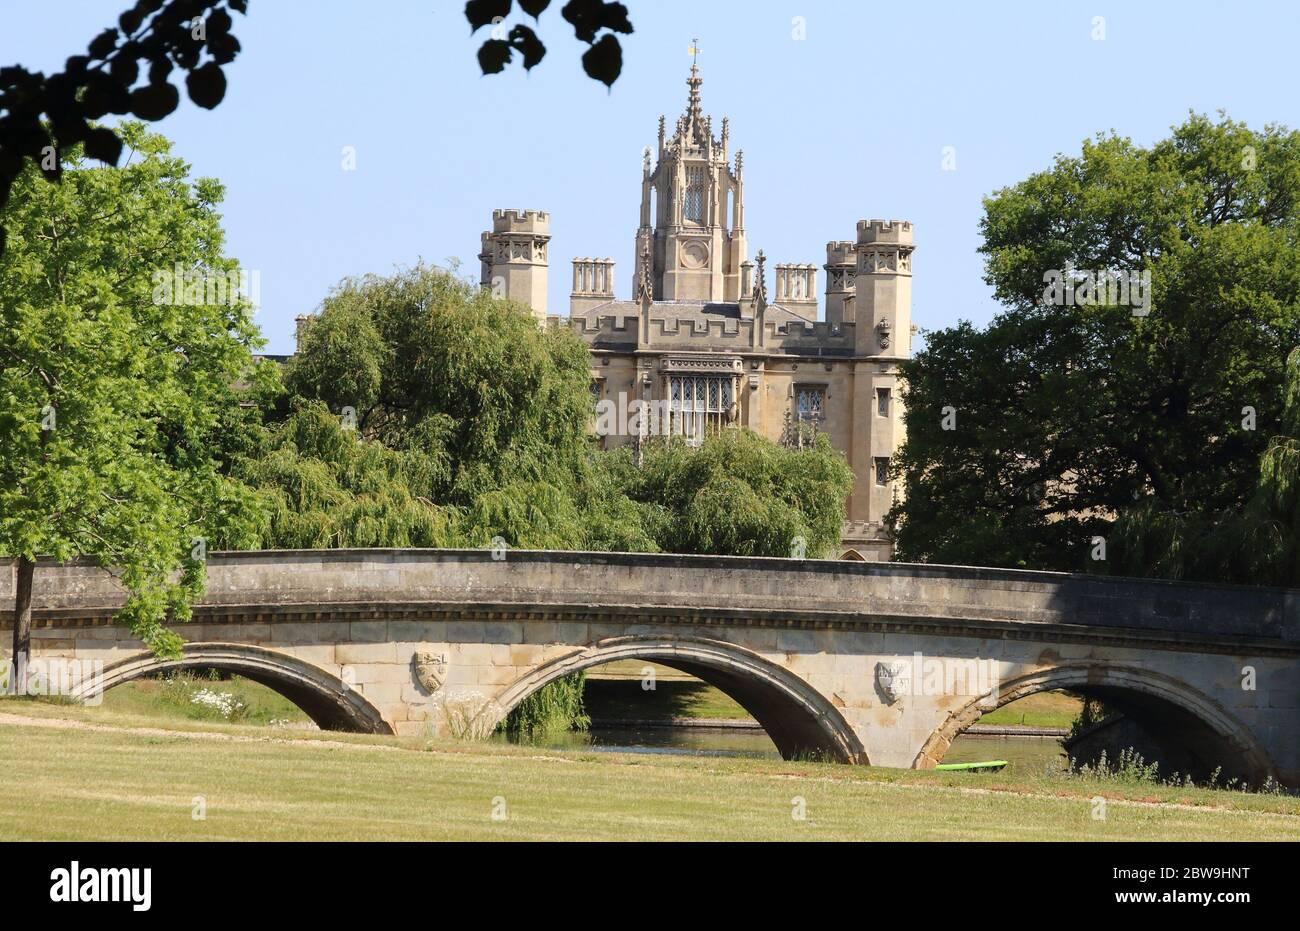 Cambridge, Royaume-Uni. 30 mai 2020. Le St Johns College de Cambridge est photographié déserté en raison de l'épidémie de coronavirus.l'université de Cambridge a annoncé qu'il n'y aura pas de conférences en face à face au cours de la prochaine année scolaire 2020/2021 en raison de la COVID-19. L'université de renommée mondiale est actuellement fermée, comme toutes les universités du Royaume-Uni qui ont envoyé des étudiants à la maison en mars et déplacé des conférences, des cours, des examens et des cérémonies de remise des diplômes en ligne. Crédit : SOPA Images Limited/Alamy Live News Banque D'Images